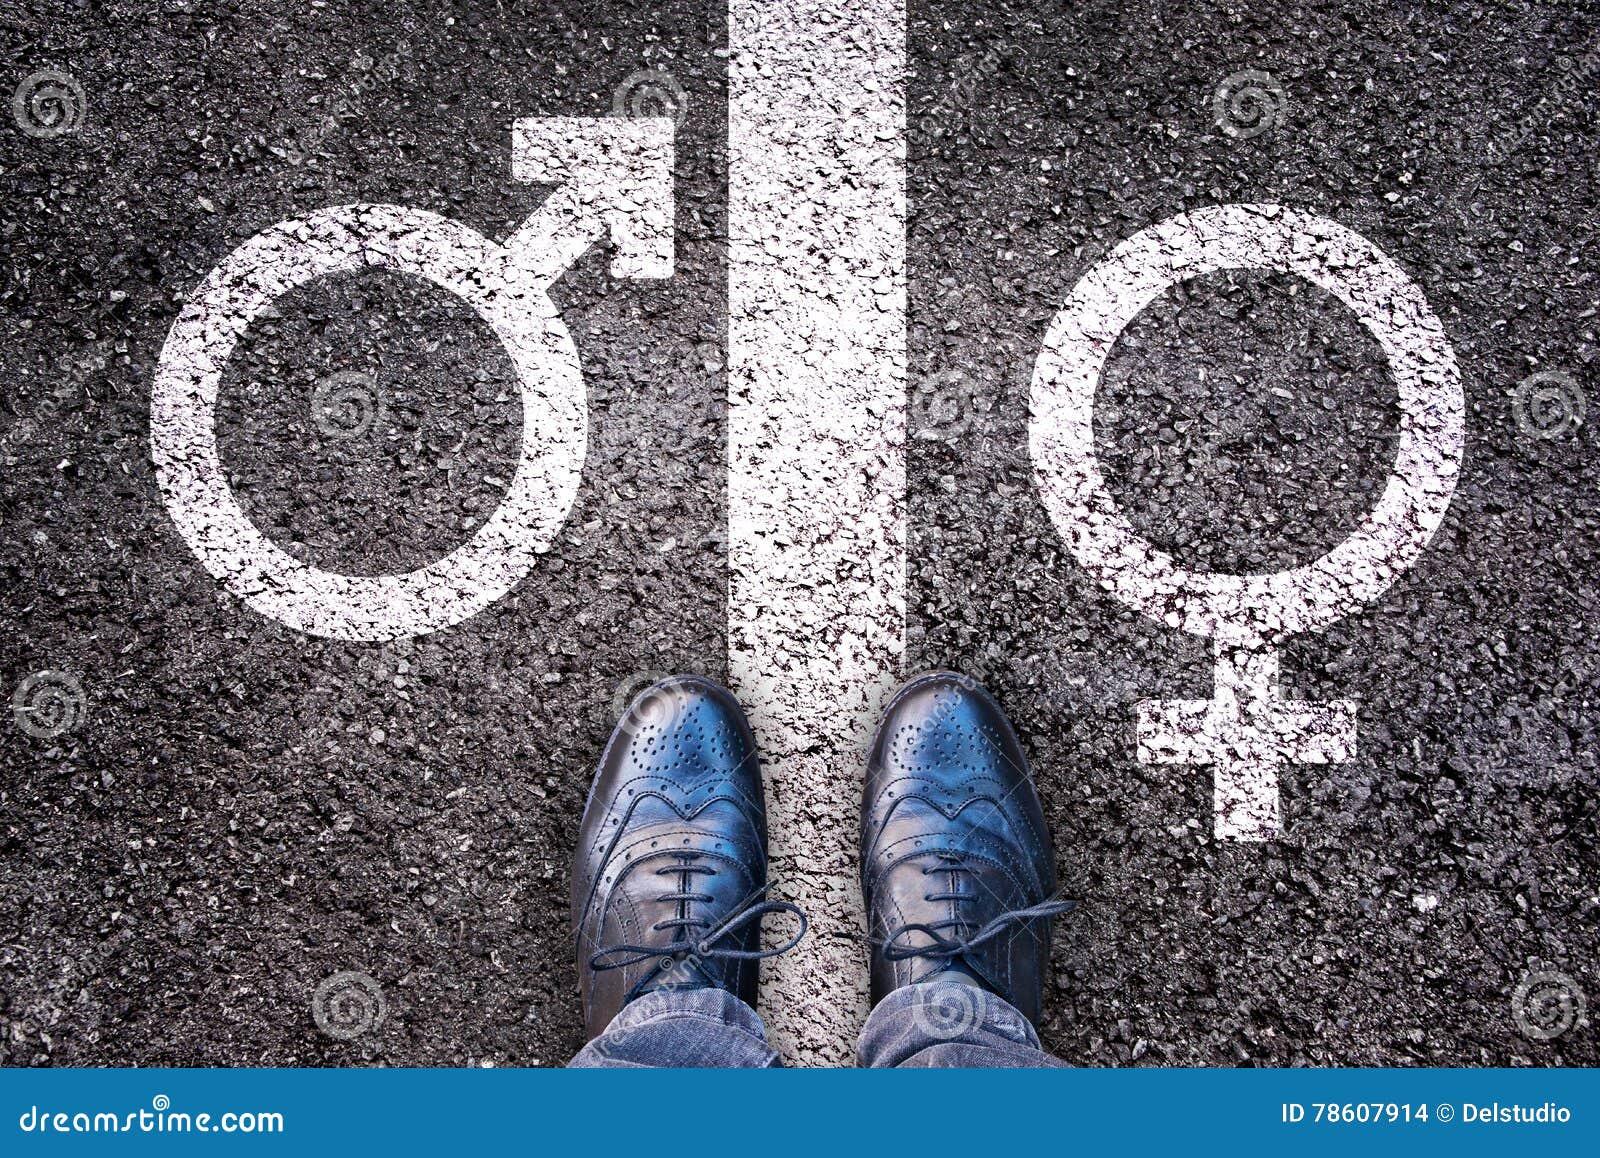 Legs with gender symbol on asphalt